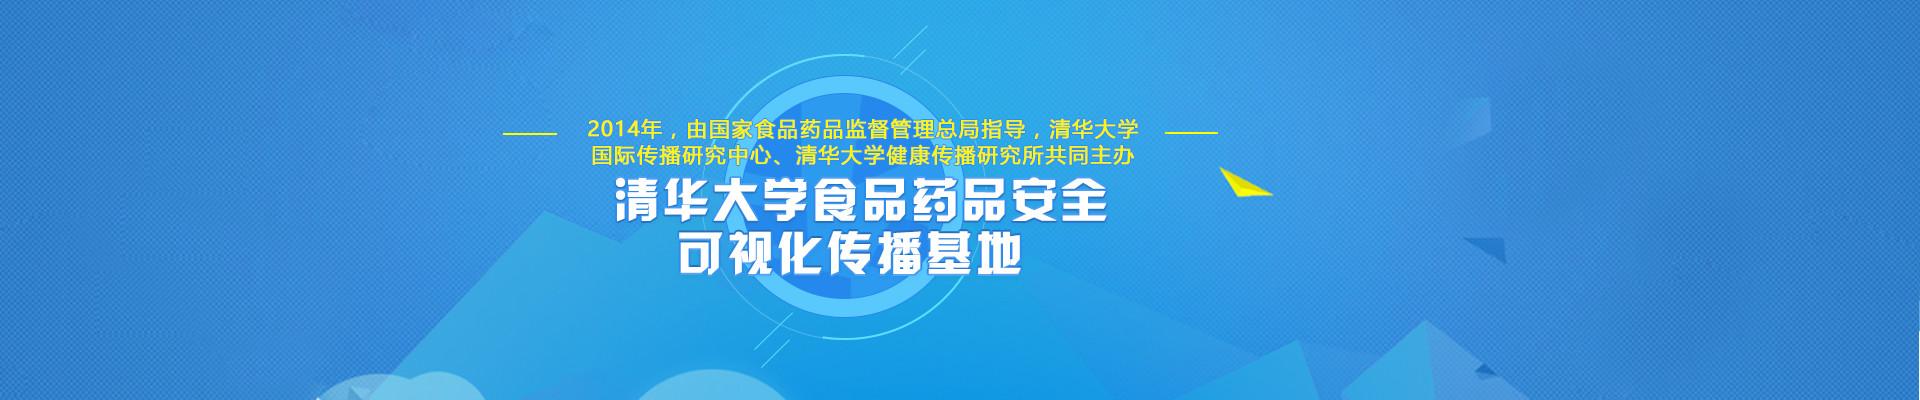 清华大学食品药品安全可视化传播基地-中安食品安全培训网网站使用说明